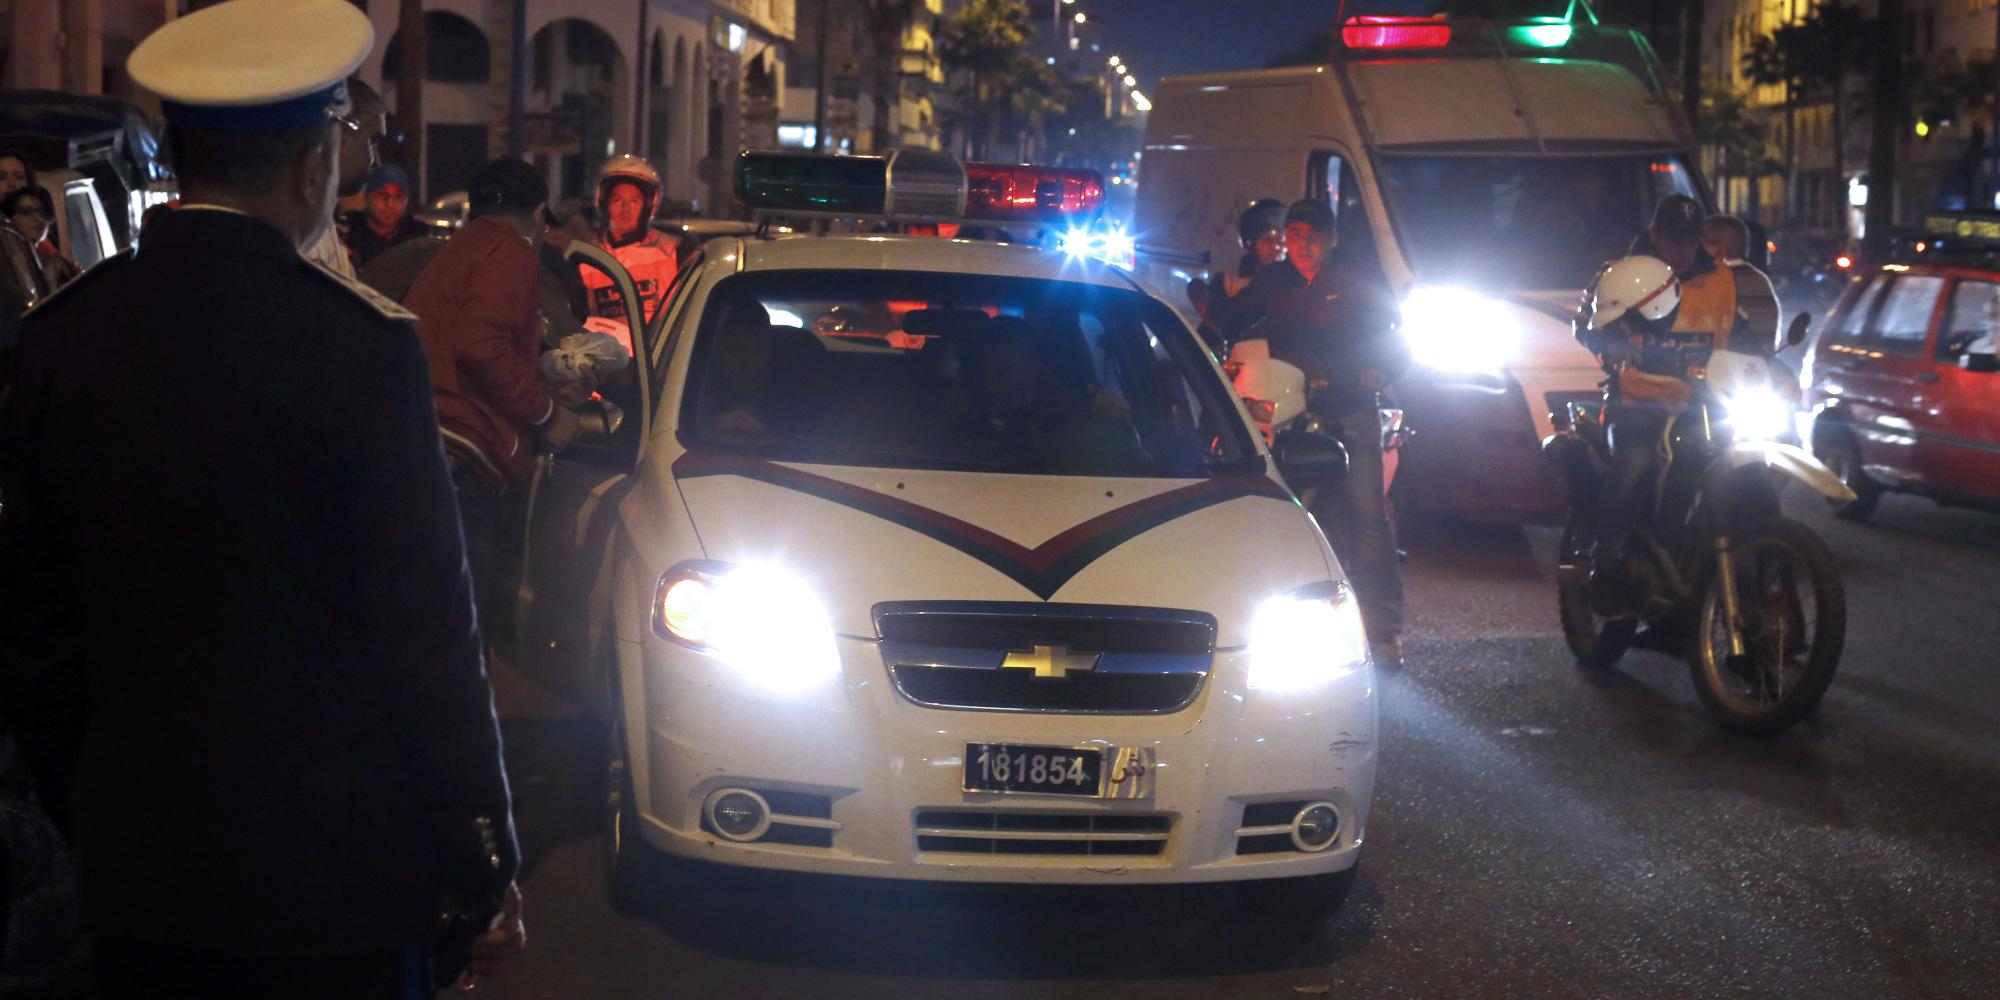 الجديدة: الشرطة تفك جريمة قتل وراءها زوجة وعشيقها